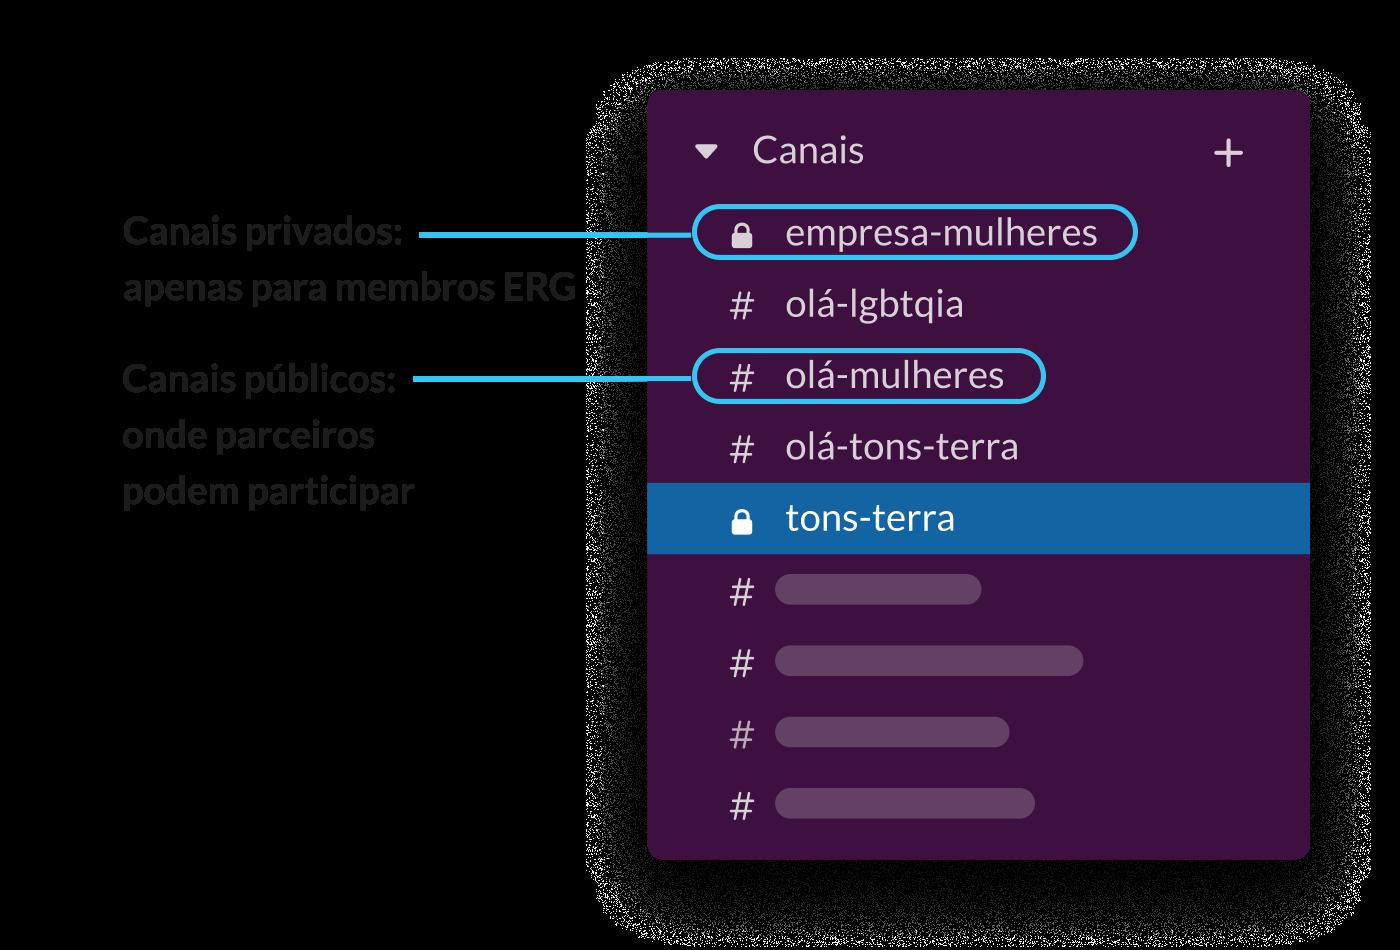 Uma barra lateral do Slack mostrando canais públicos e privados de grupos de recursos para funcionários